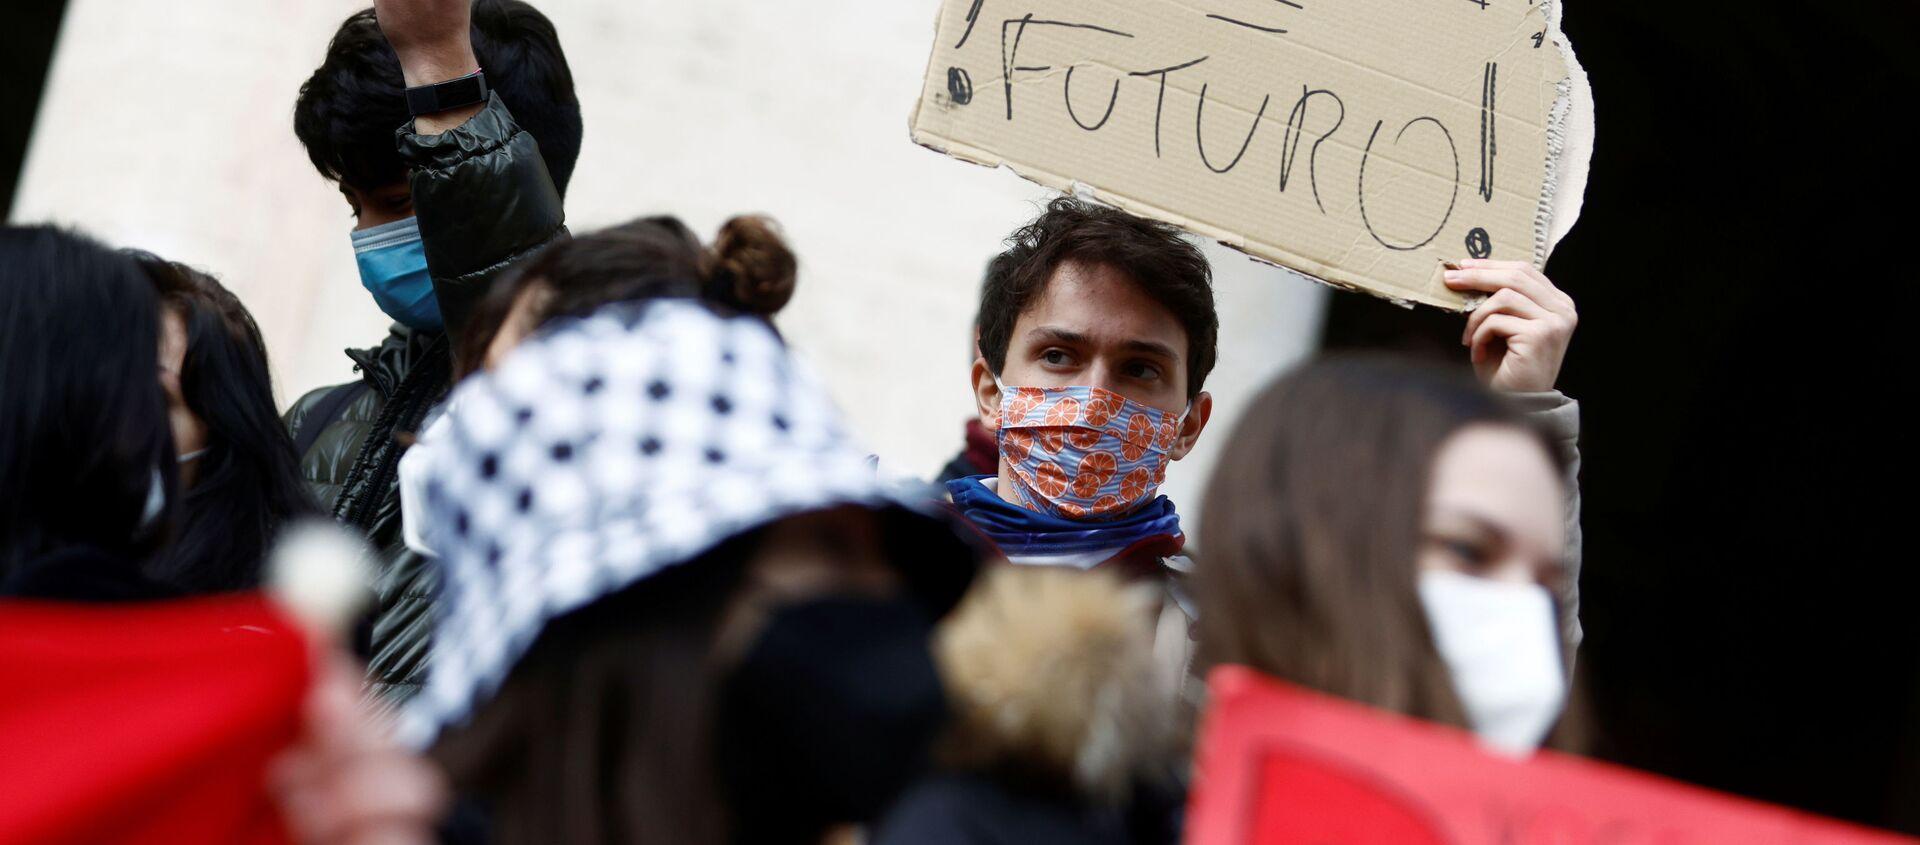 Gli studenti delle scuole superiori protestano a Roma contro la didattica a distanza - Sputnik Italia, 1920, 02.02.2021